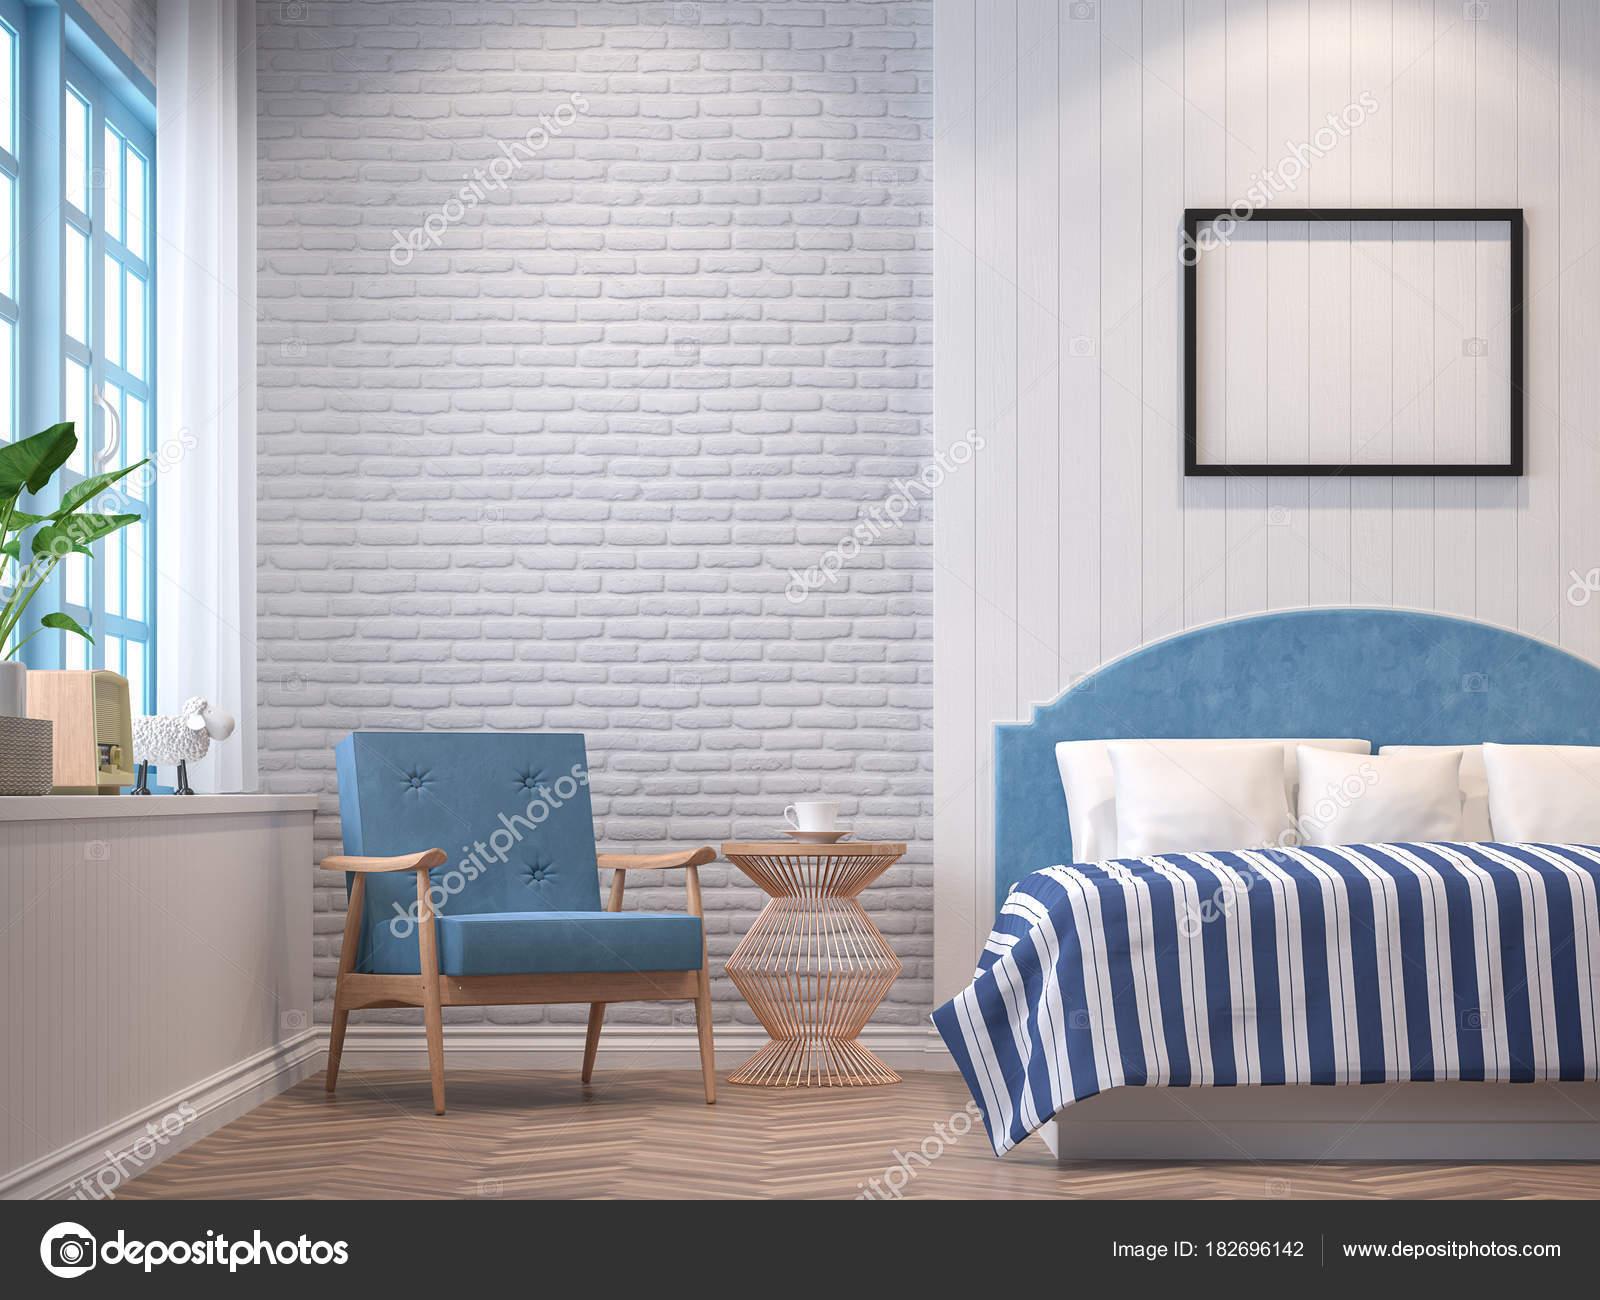 Chambre Coucher Vintage Avec Image Rendu Meubles Bleu Les Chambres